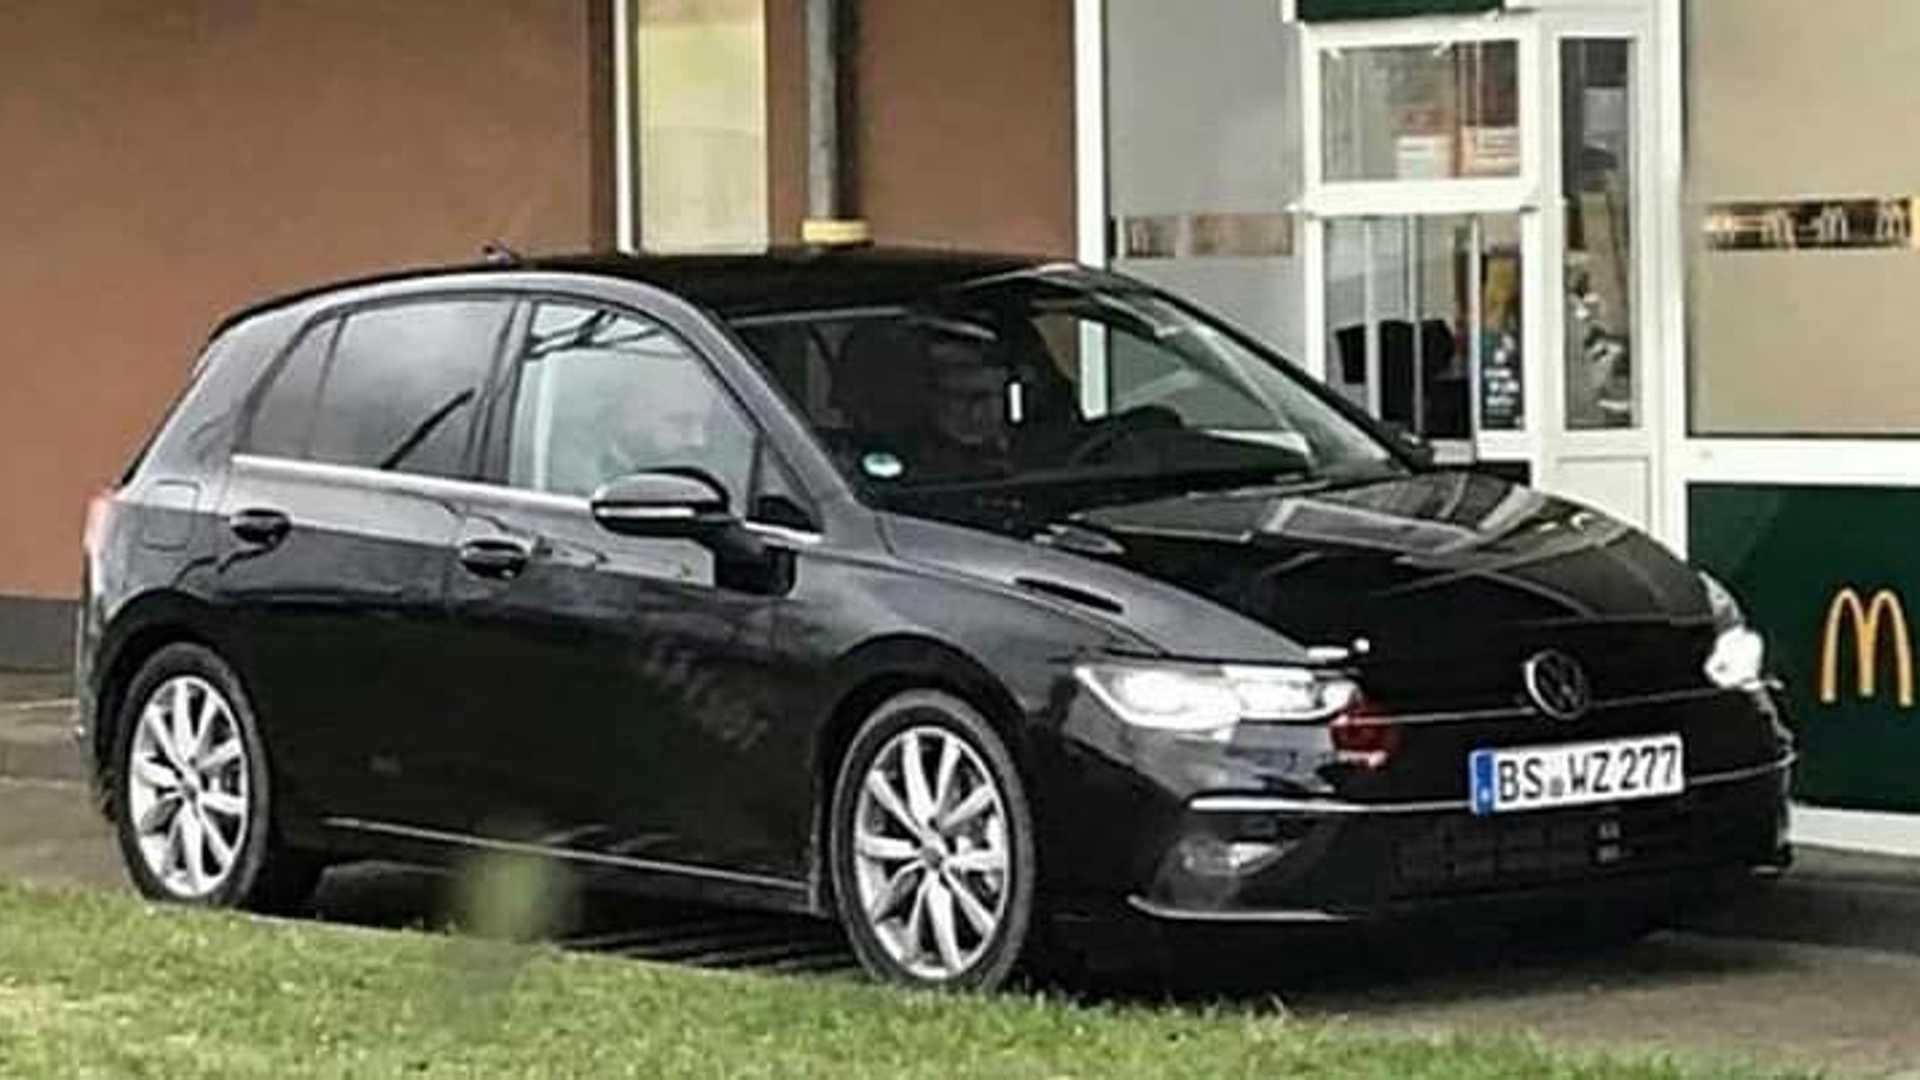 97 Great New 2019 Volkswagen R New Concept Release Date by New 2019 Volkswagen R New Concept